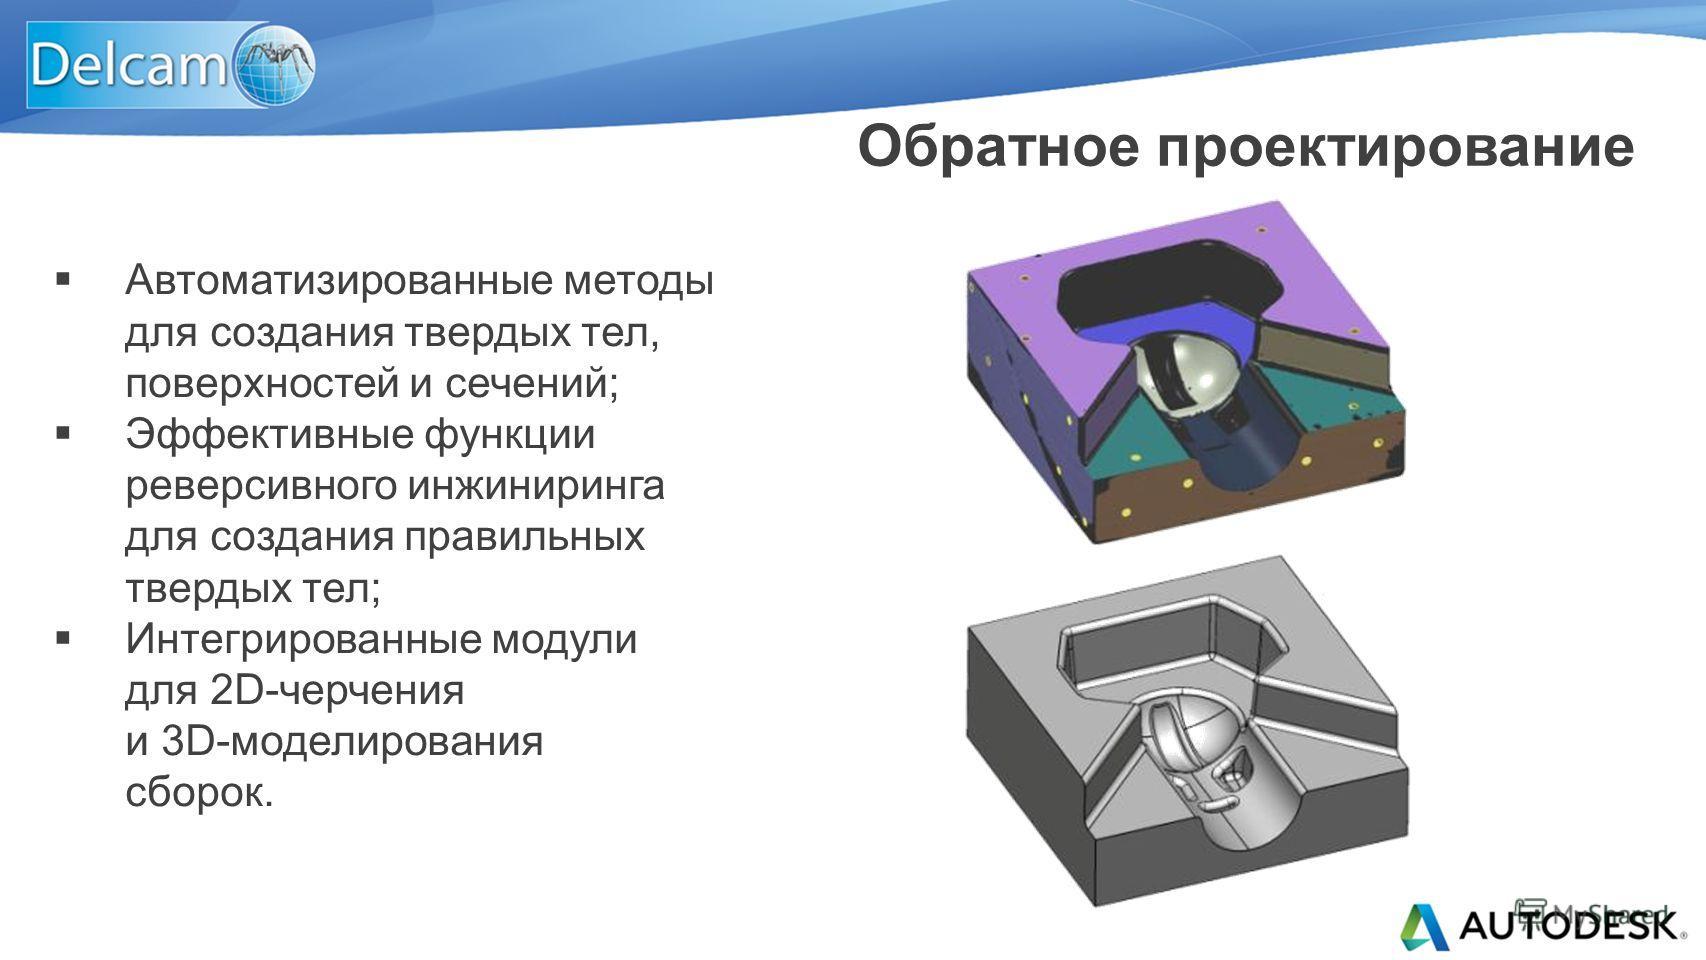 Автоматизированные методы для создания твердых тел, поверхностей и сечений; Эффективные функции реверсивного инжиниринга для создания правильных твердых тел; Интегрированные модули для 2D-черчения и 3D-моделирования сборок. Обратное проектирование